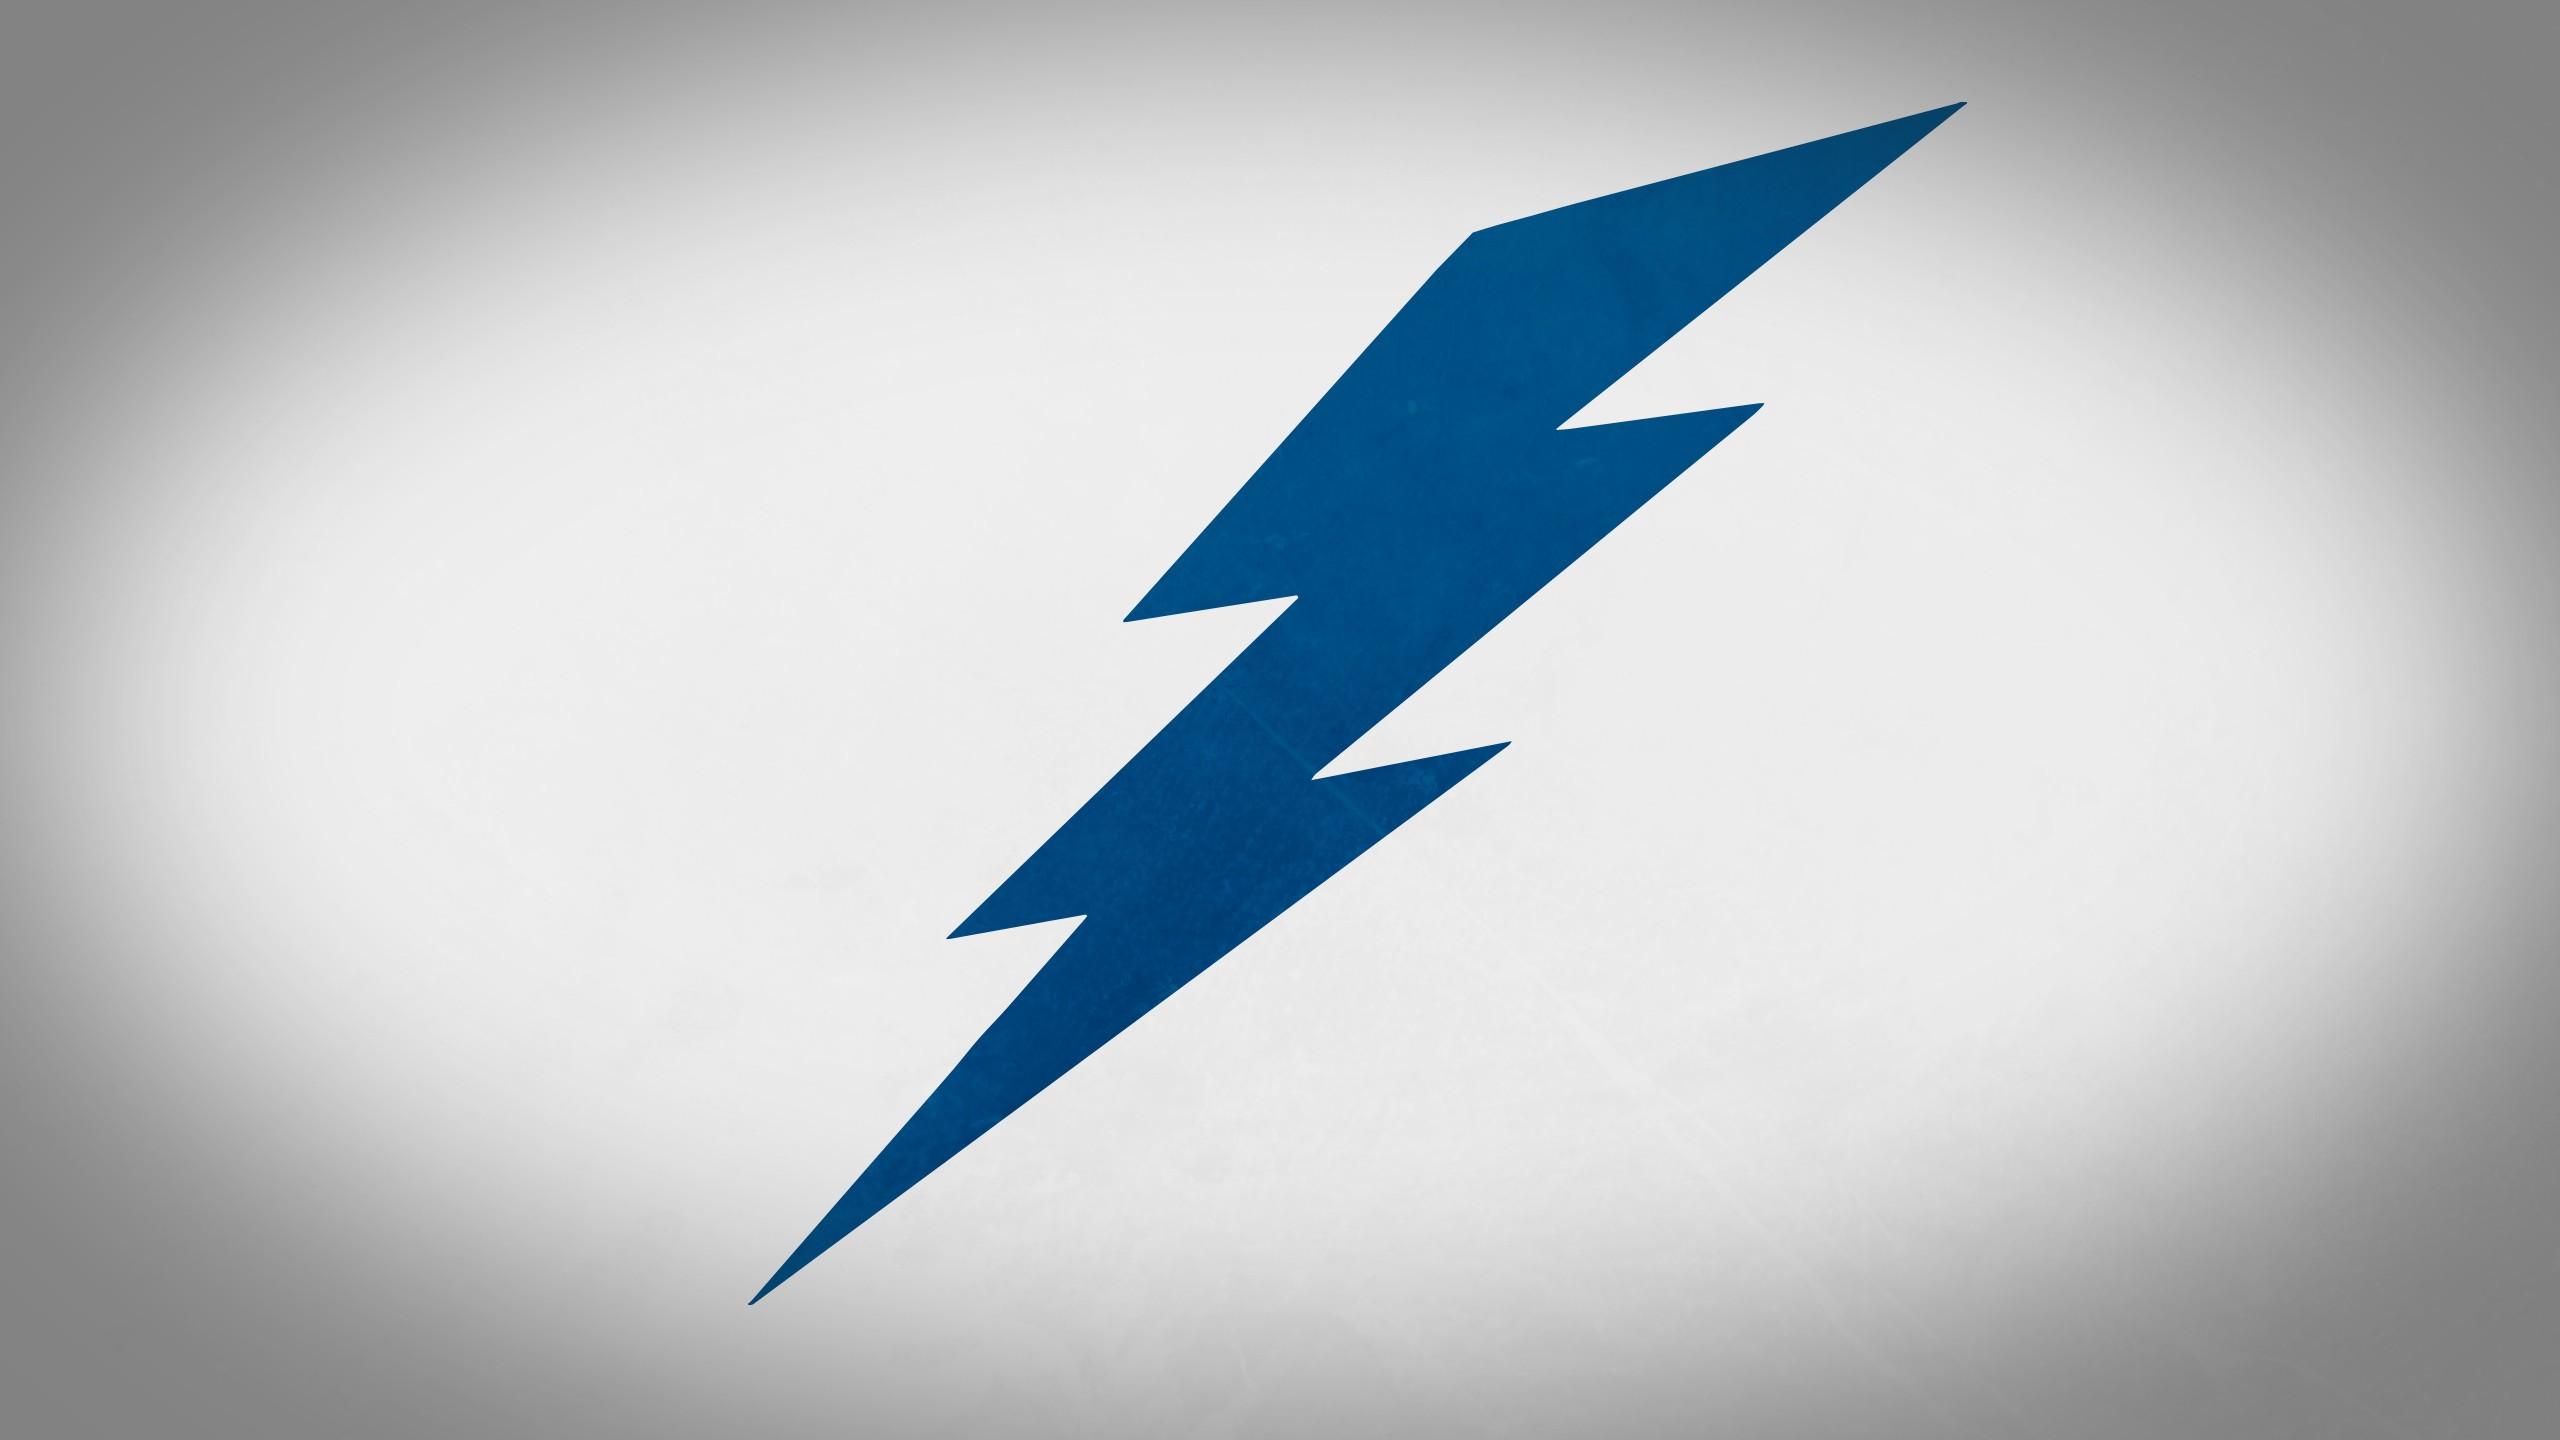 Tampa bay lightning wallpaper logos wallpapersafari - Tampa bay lightning wallpaper 1920x1080 ...